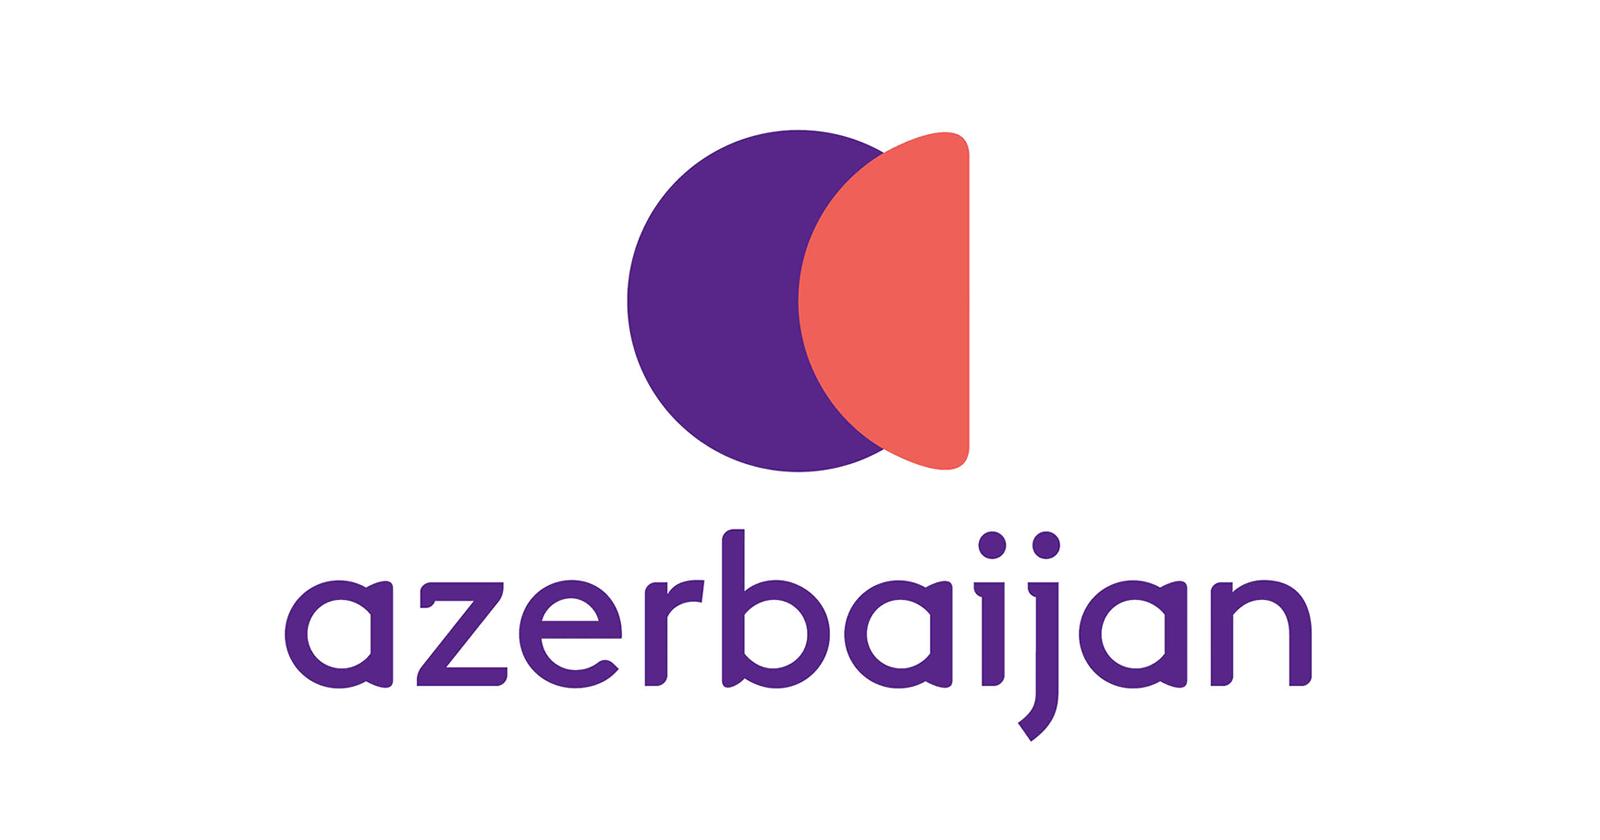 浪涛为阿塞拜疆旅游形象创造新的标志logo-VI设计2